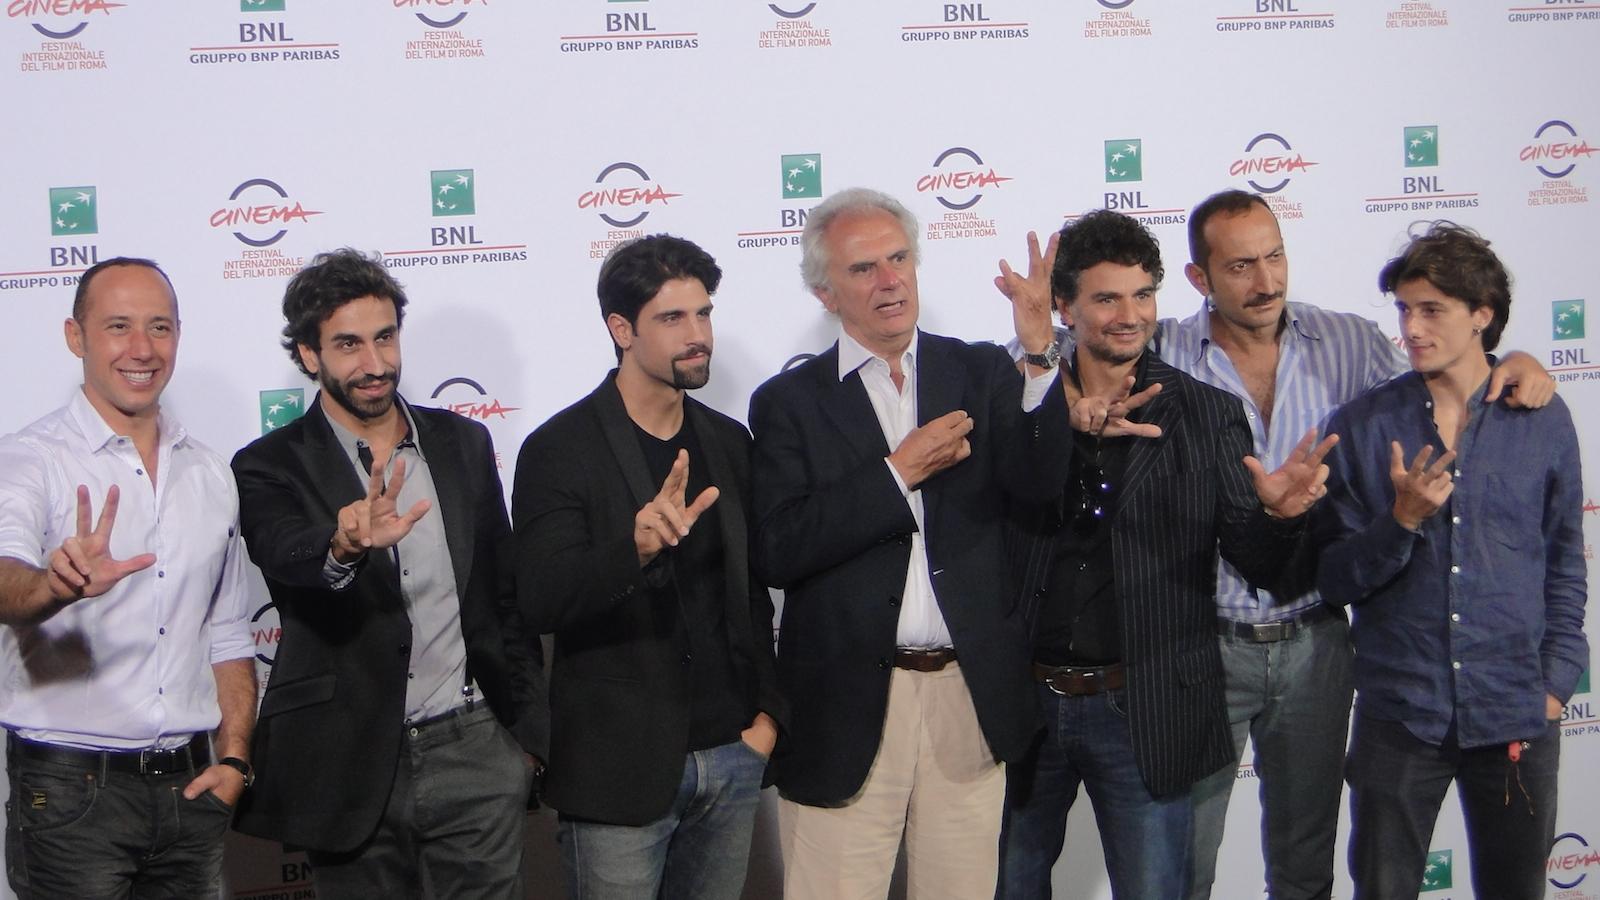 Tre tocchi: il cast al photocall di Roma 2014